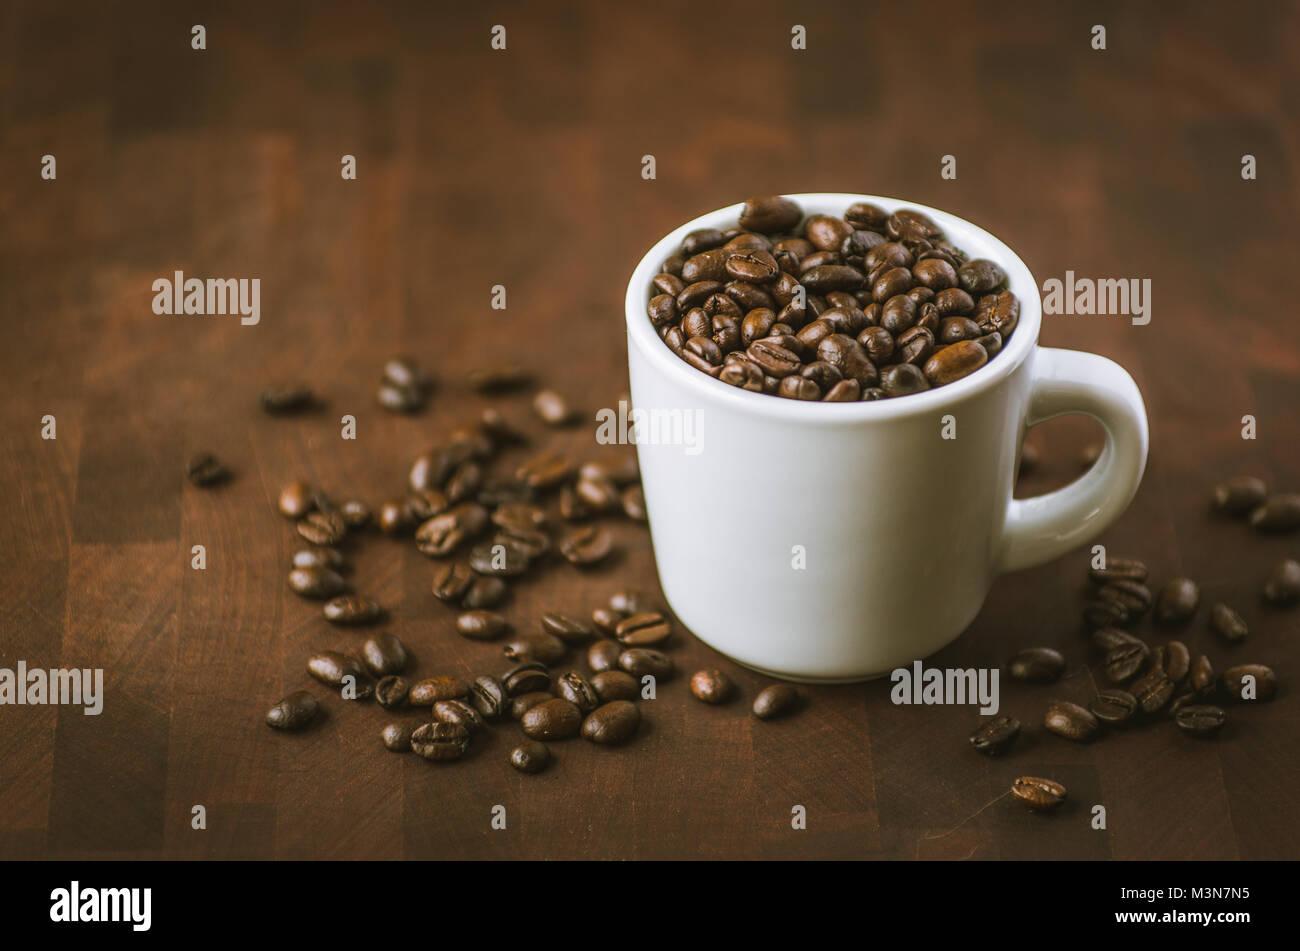 Caffeinated le café moka java beans. L'un des nombreux mélanges préférés meilleur servi Photo Stock